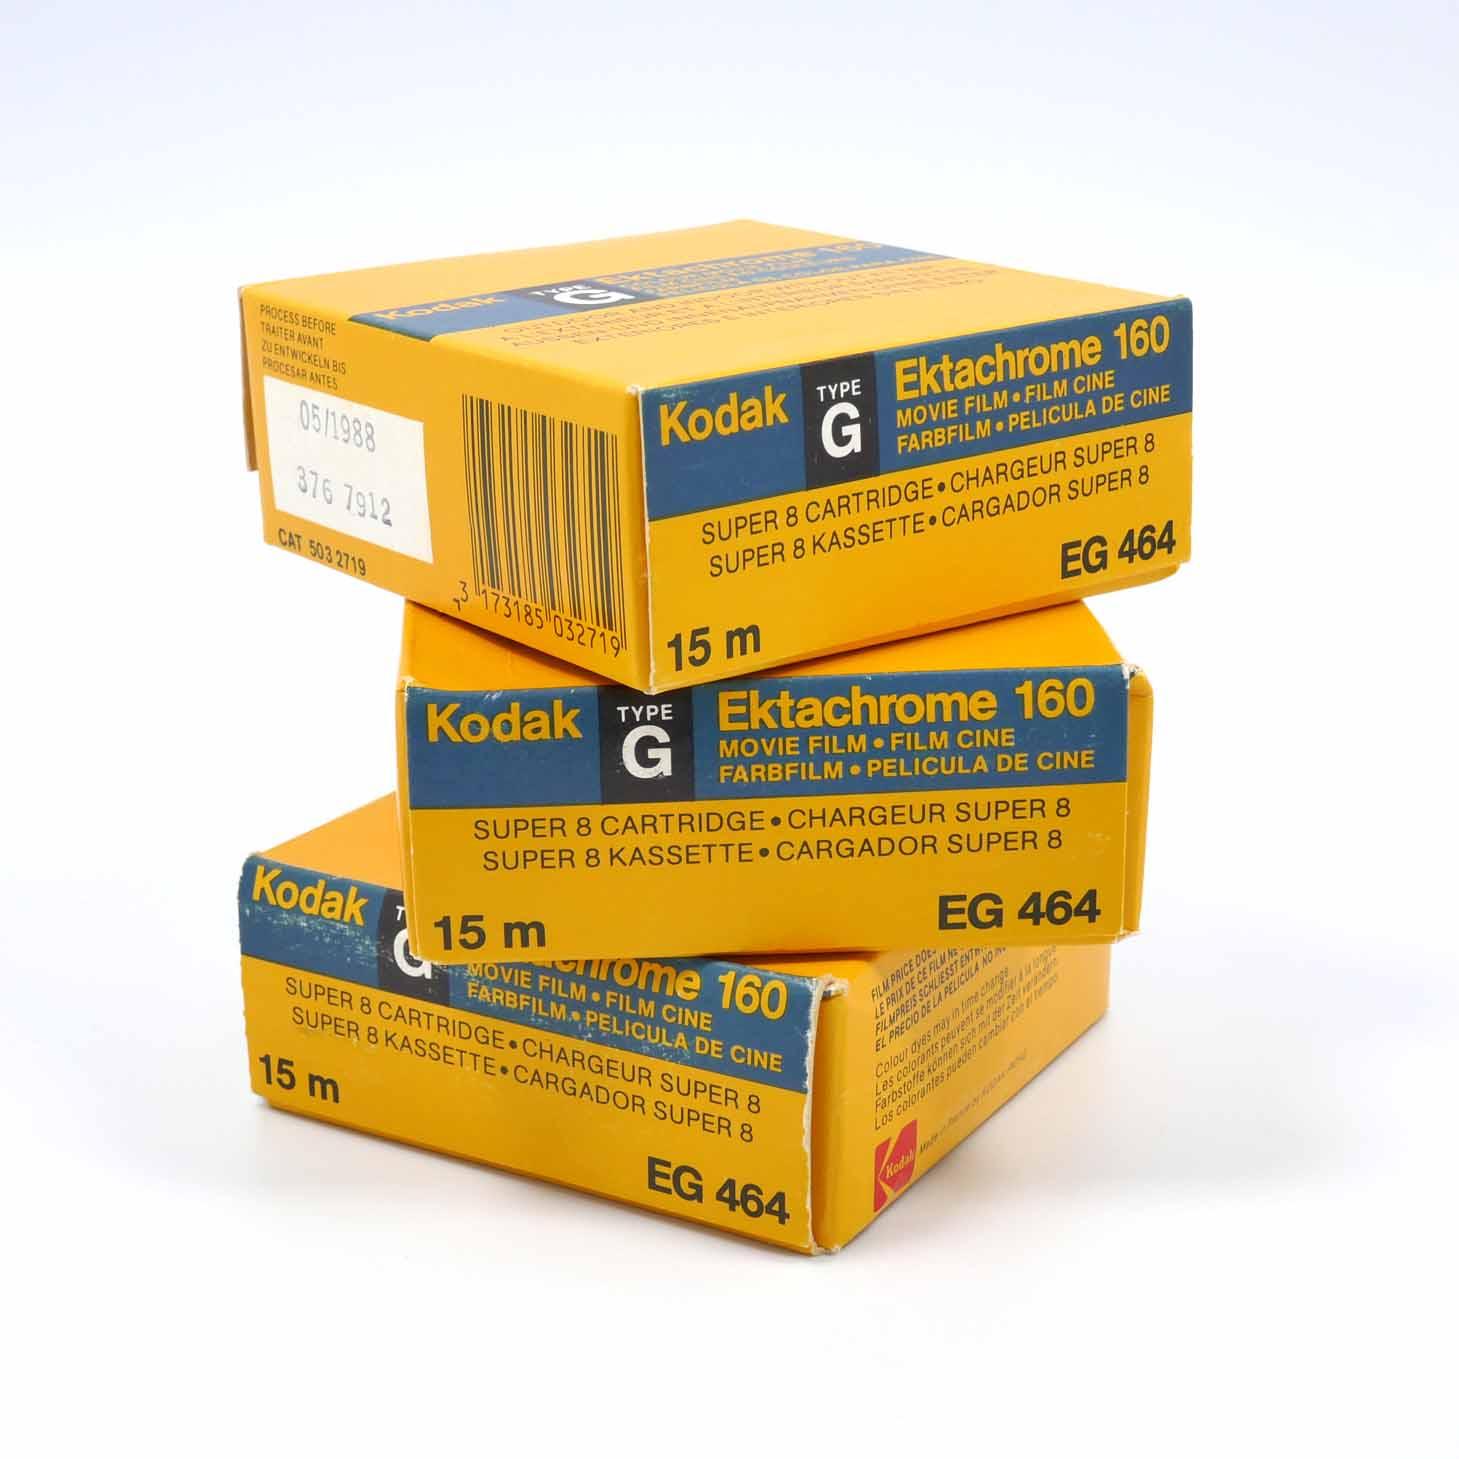 clean-cameras-Kodak-Ektachrome-160-Super-8-04